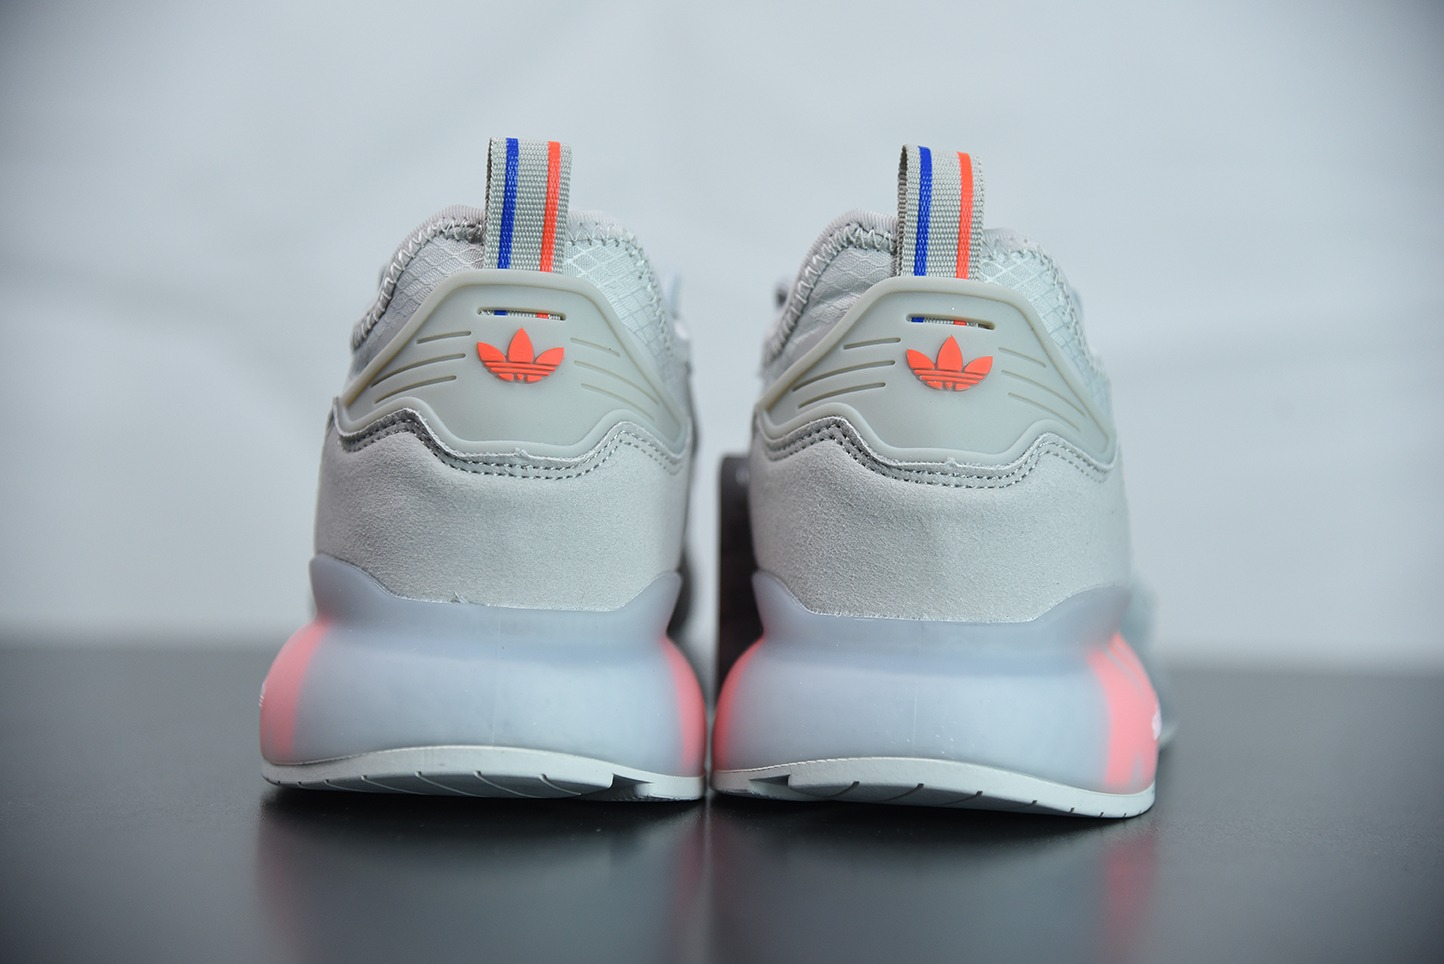 阿迪达斯Adidas Originals ZX 2K Boost易烊千玺同款灰红全新爆米花缓震休闲运动跑鞋纯原版本 货号:FX7028